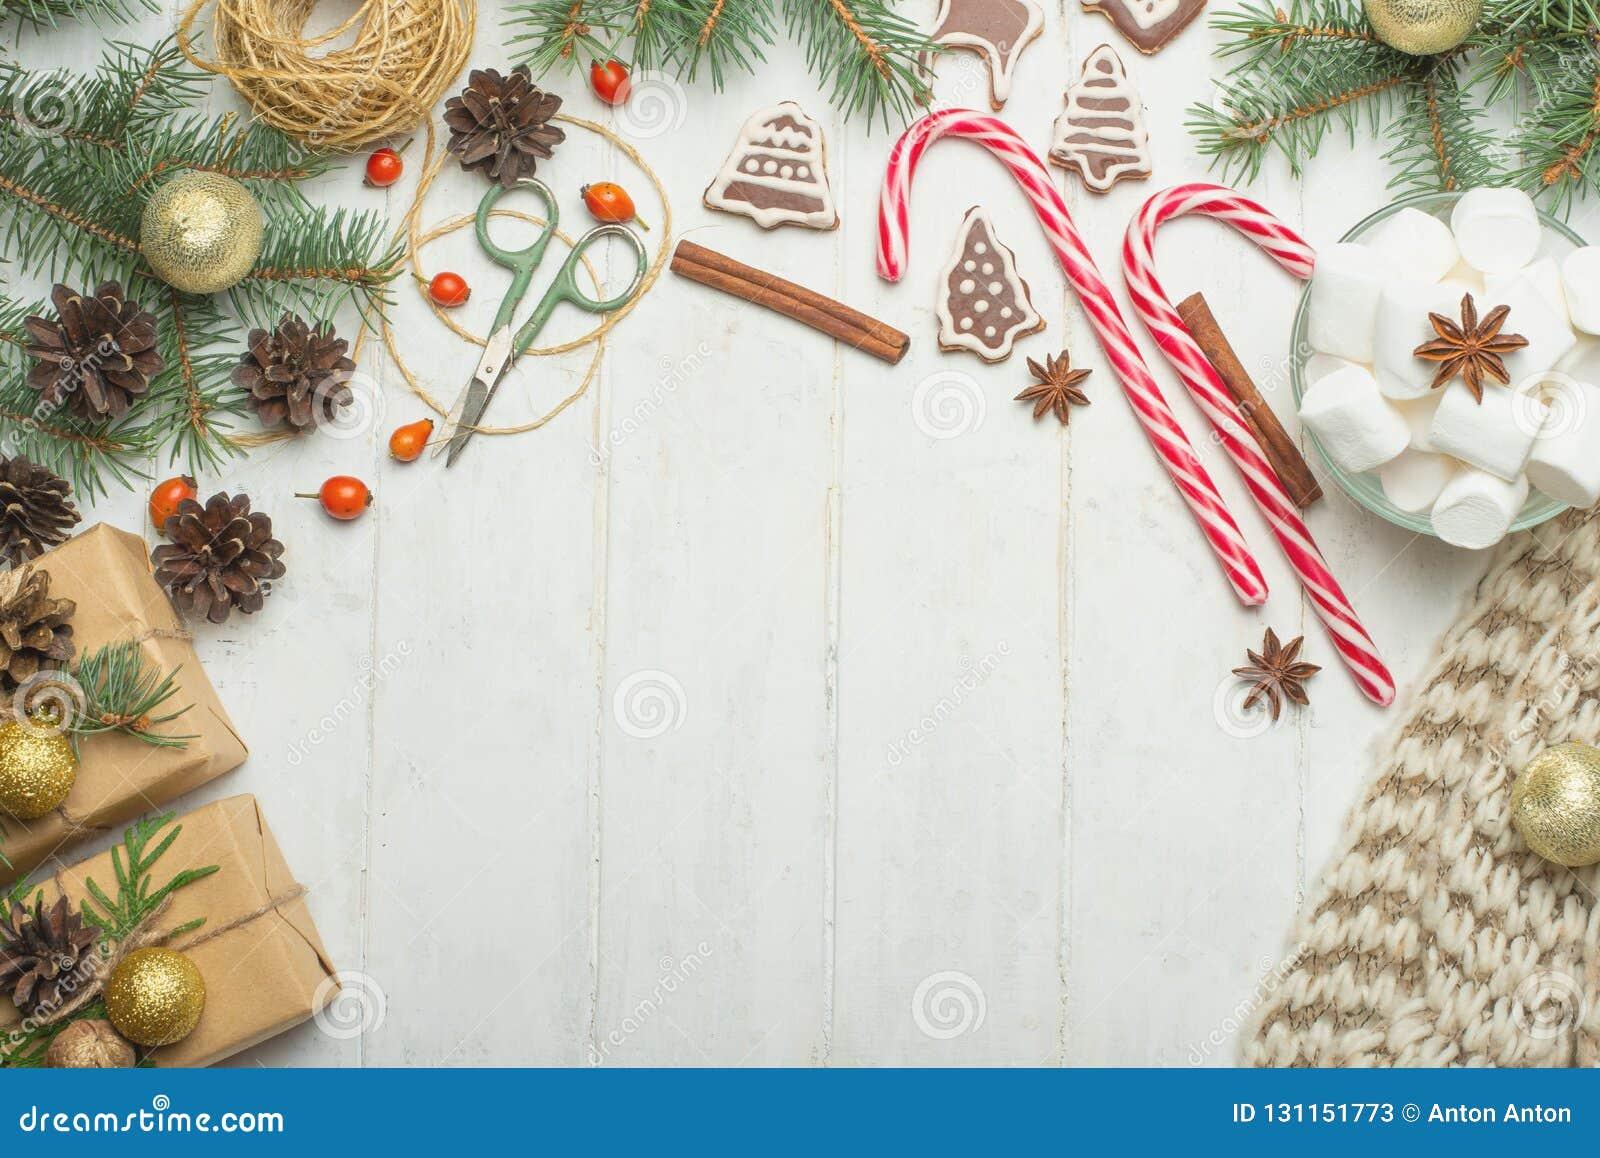 Marcos Para Fotos De Arbol De Navidad.Marco Con Las Galletas Del Pan De Jengibre Arbol De Navidad